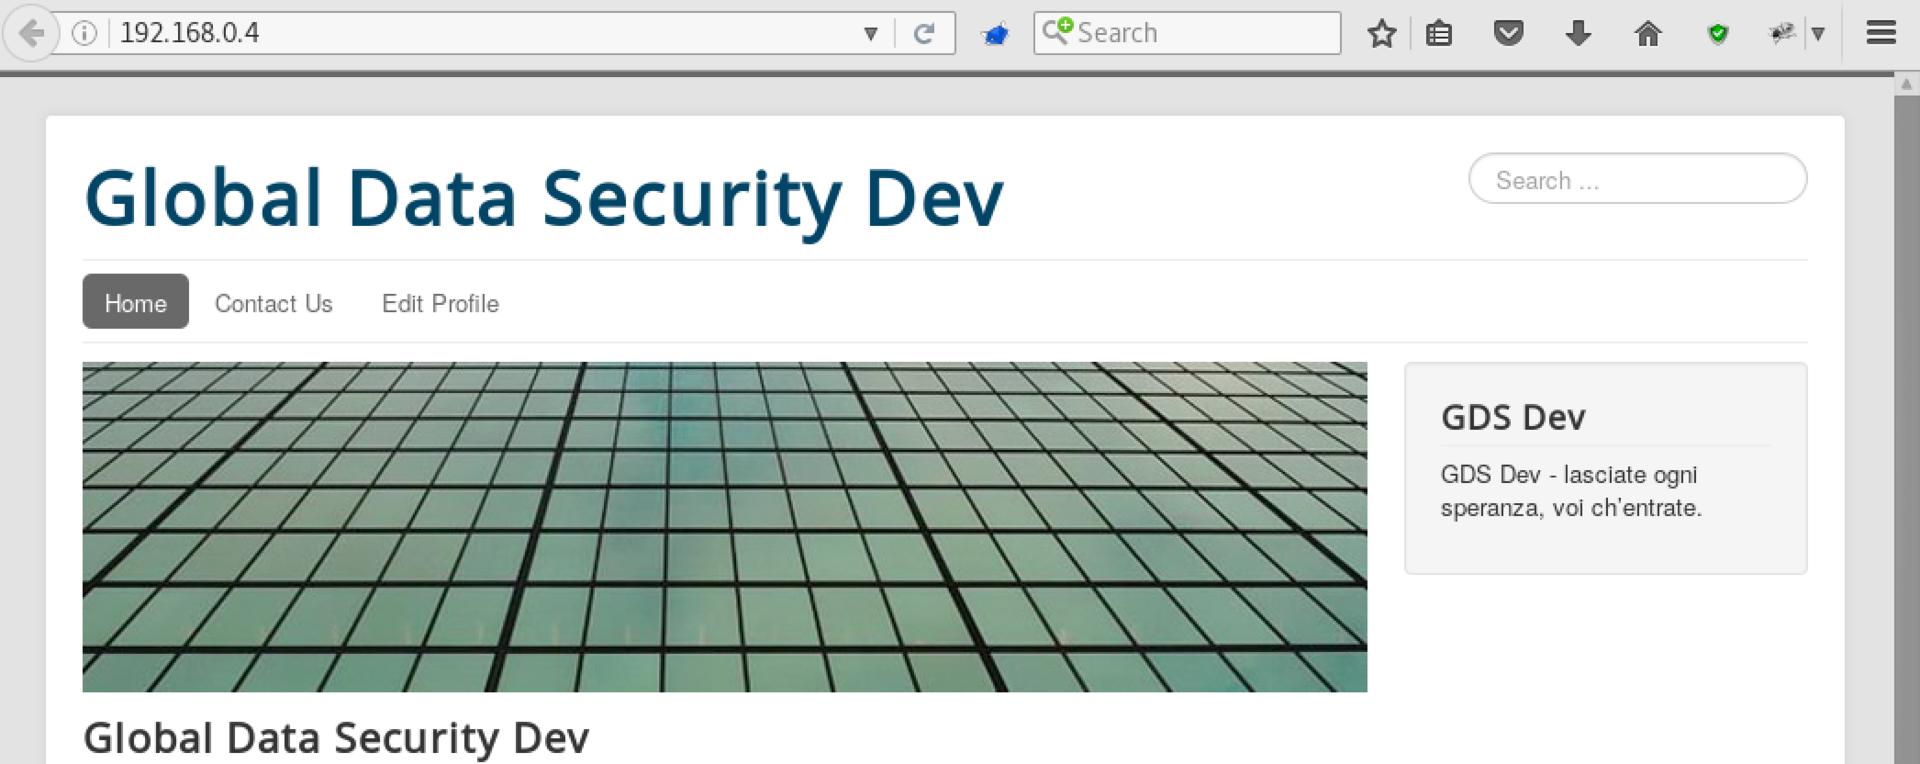 Пентест в Global Data Security — прохождение 10-й лаборатории Pentestit - 36